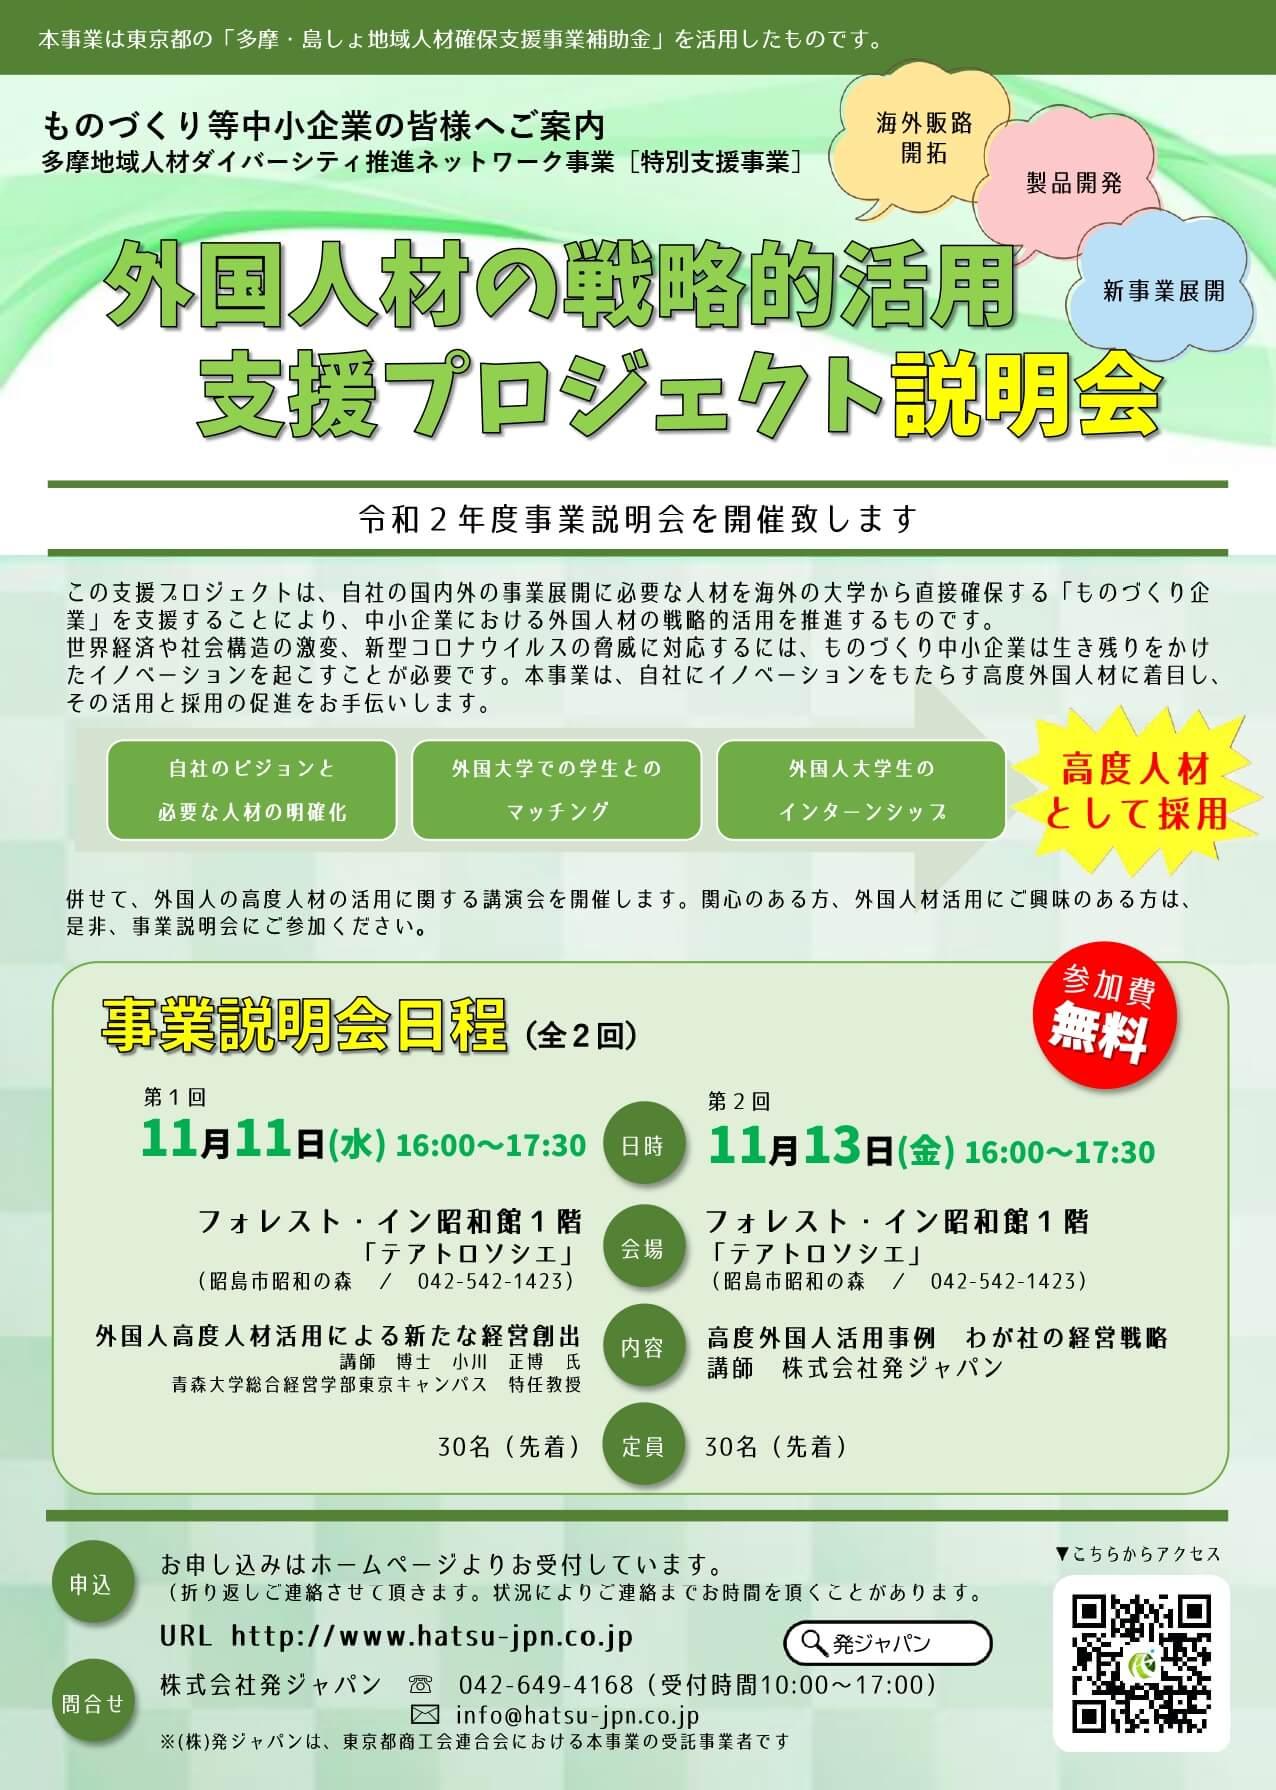 外国人財の戦略的活用支援プロジェクトのパンフレット画像